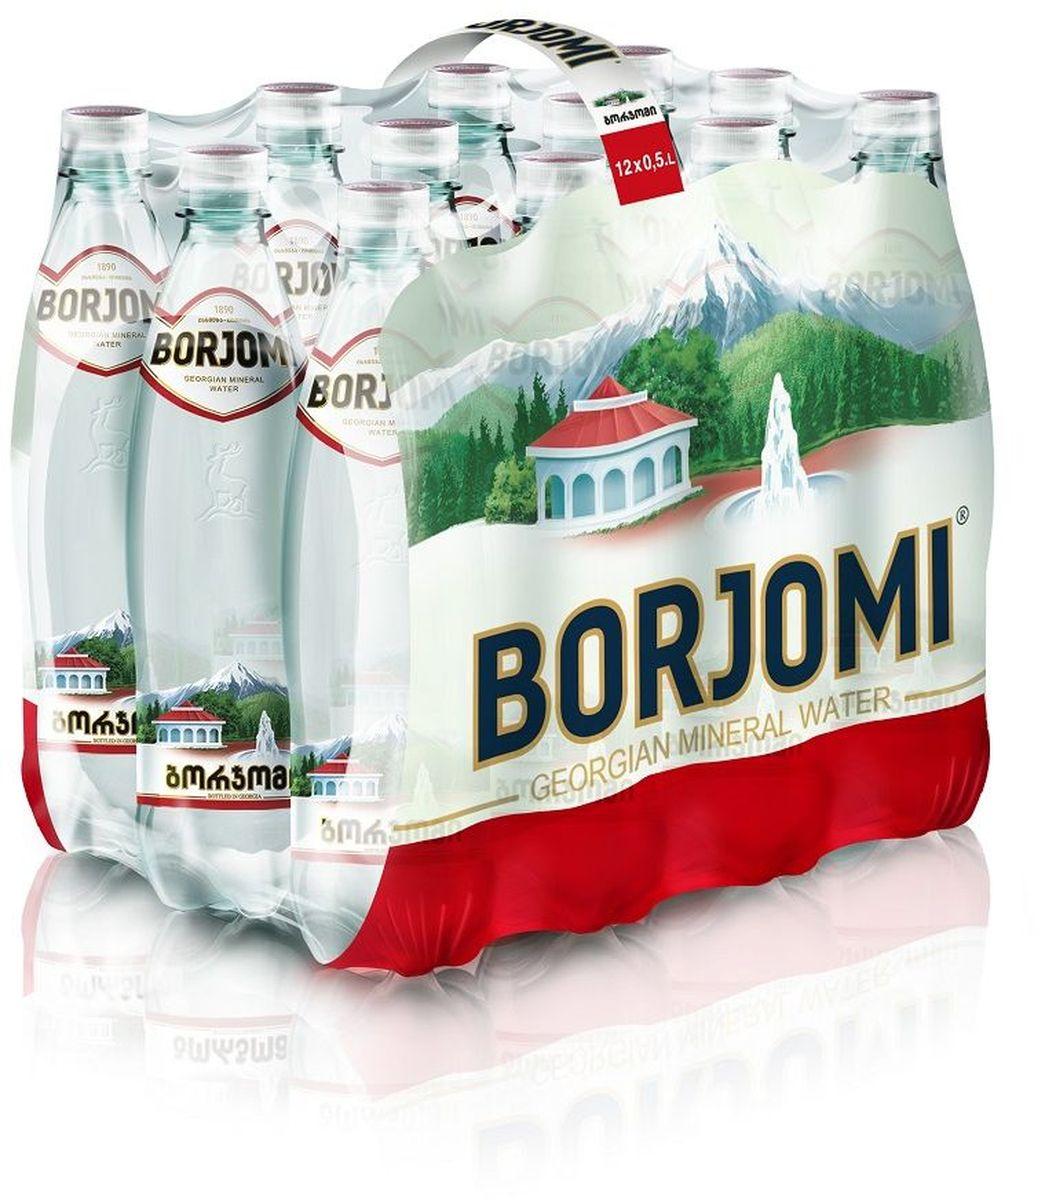 Вода Borjomi природная гидрокарбонатно-натриевая минеральная, 12 шт по 0,5 л4860019001315Borjomi - природная гидрокарбонатно-натриевая минеральная вода с минерализацией 5,0-7,5 г/л. Рожденная в недрах Кавказских гор, она бьет из земли горячим ключом в долине Боржоми, на территории крупнейшего в Европе Грузинского Национального парка Боржоми-Харагаули. Благодаря уникальному комплексу минералов вулканического происхождения, эта природная минеральная вода действует как душ изнутри и прекрасно очищает организм. Зарождаясь на глубине 8000 м и поднимаясь сквозь слои вулканических пород, вода Borjomi насыщается природной композицией из более чем 60 полезных минералов. Разлито на месте добычи из Боржомского месторождения минеральных вод (скв.№25Э,41р). Показания по лечебному применению: болезни пищевода, хронический гастритс нормальной и повышенной секреторной функцией желудка, язвенная болезньжелудка и двенадцатиперстной кишки, болезни кишечника, болезни печени,желчного пузыря и желчевыводящих путей, болезни поджелудочной железы,нарушение органов пищеварения после оперативных вмешательств по поводуязвенной болезни желудка, постхолецистэктомические синдромы, болезниобмена веществ: сахарный диабет, ожирение, болезни мочевыводящих путей.При вышеуказанных заболеваниях применяется только вне фазы обострения.